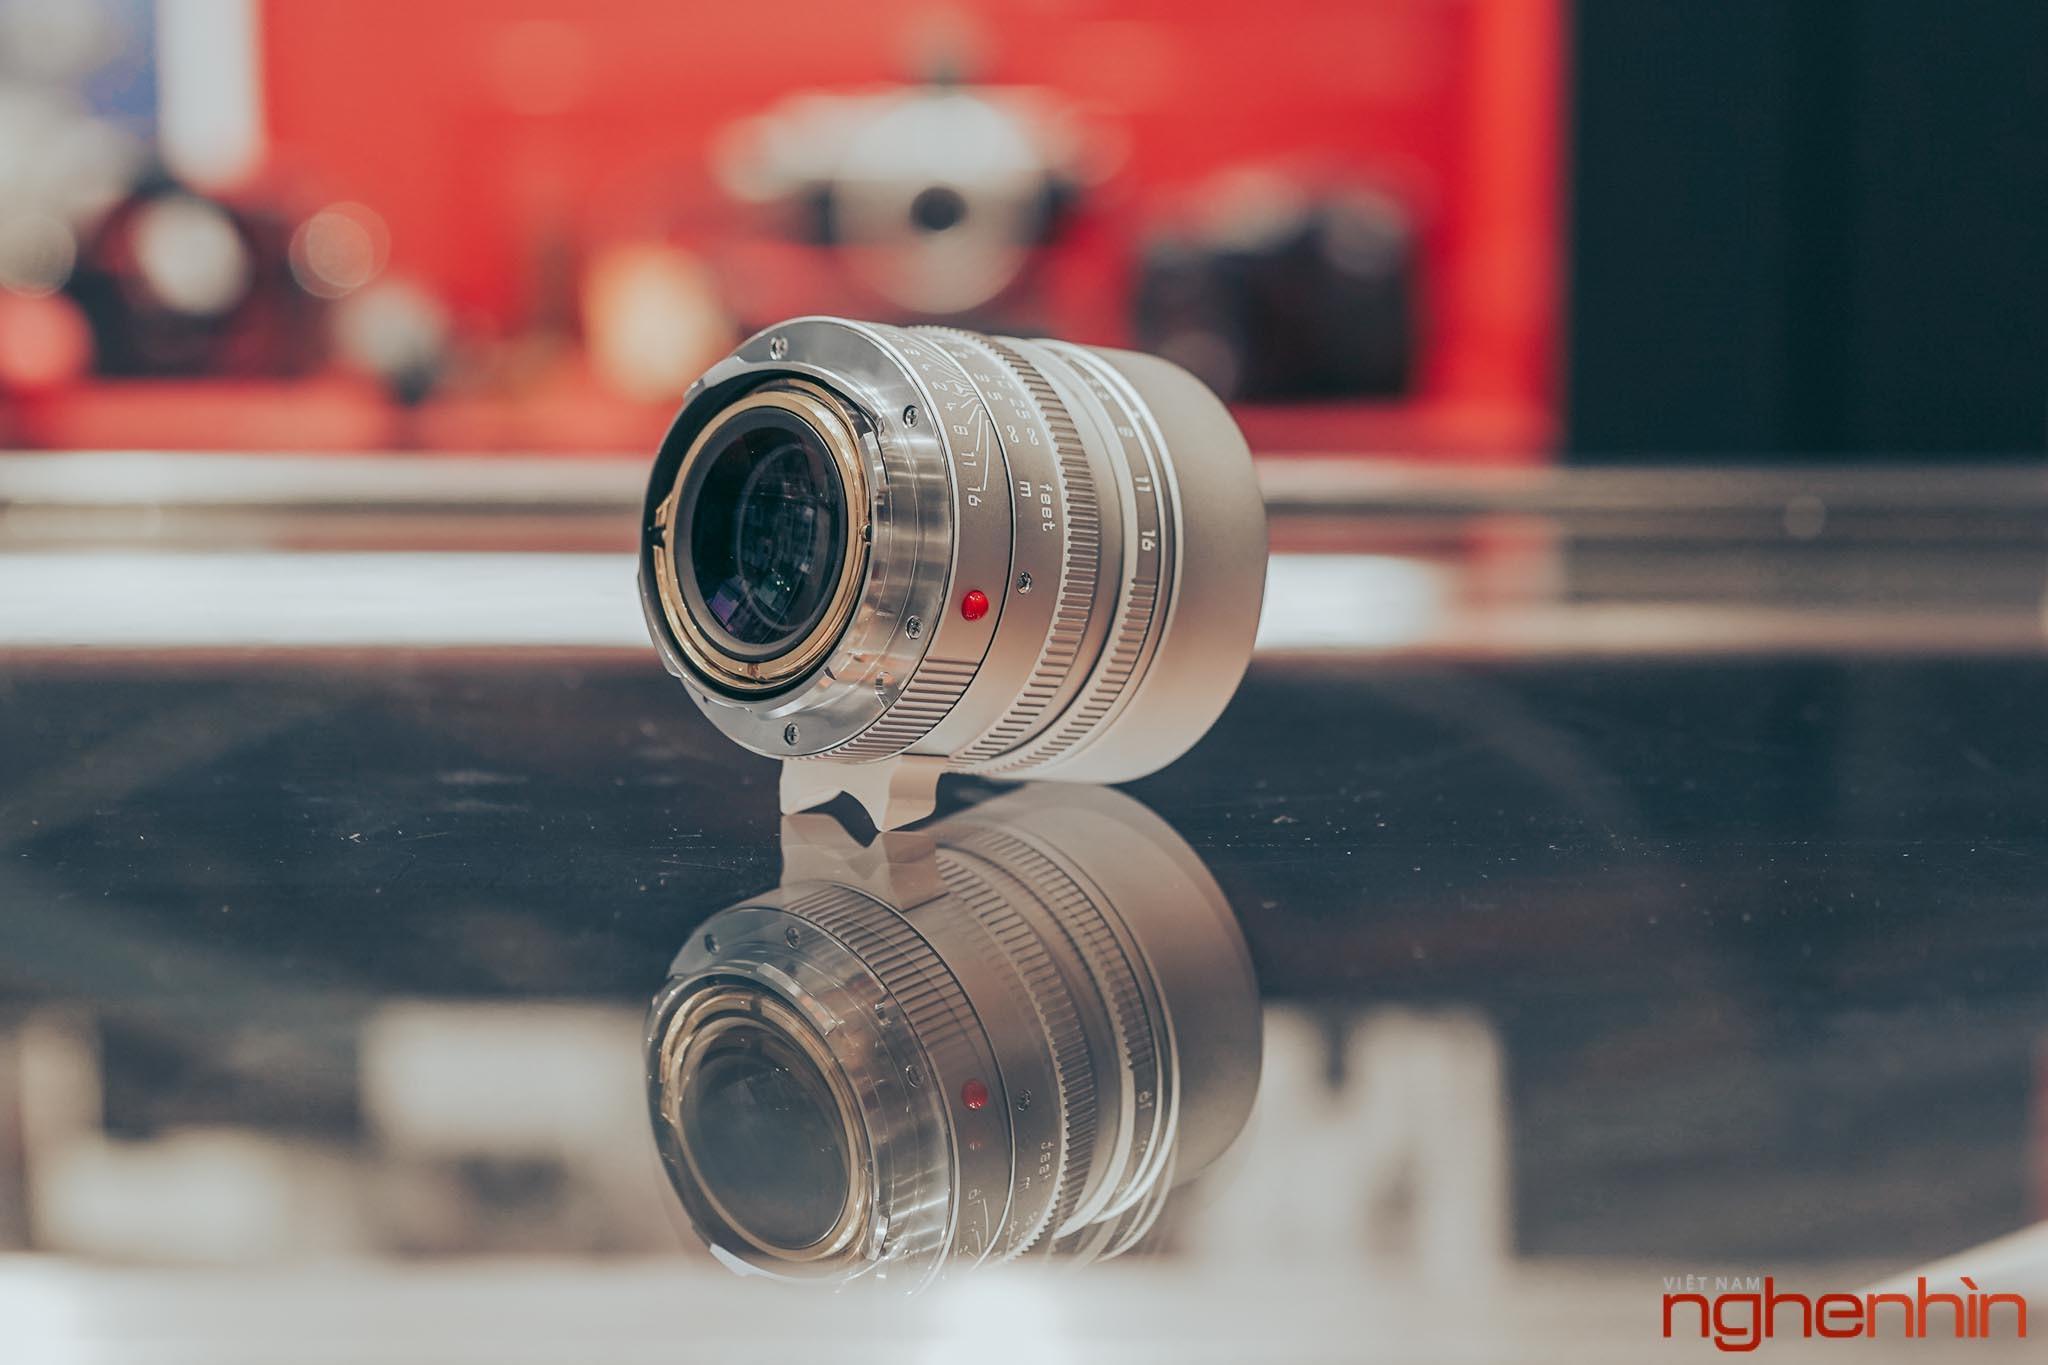 Trên tay Leica M10-P 'White' Edition tại Việt Nam: giá 420 triệu, giới hạn 350 chiếc Ảnh 10